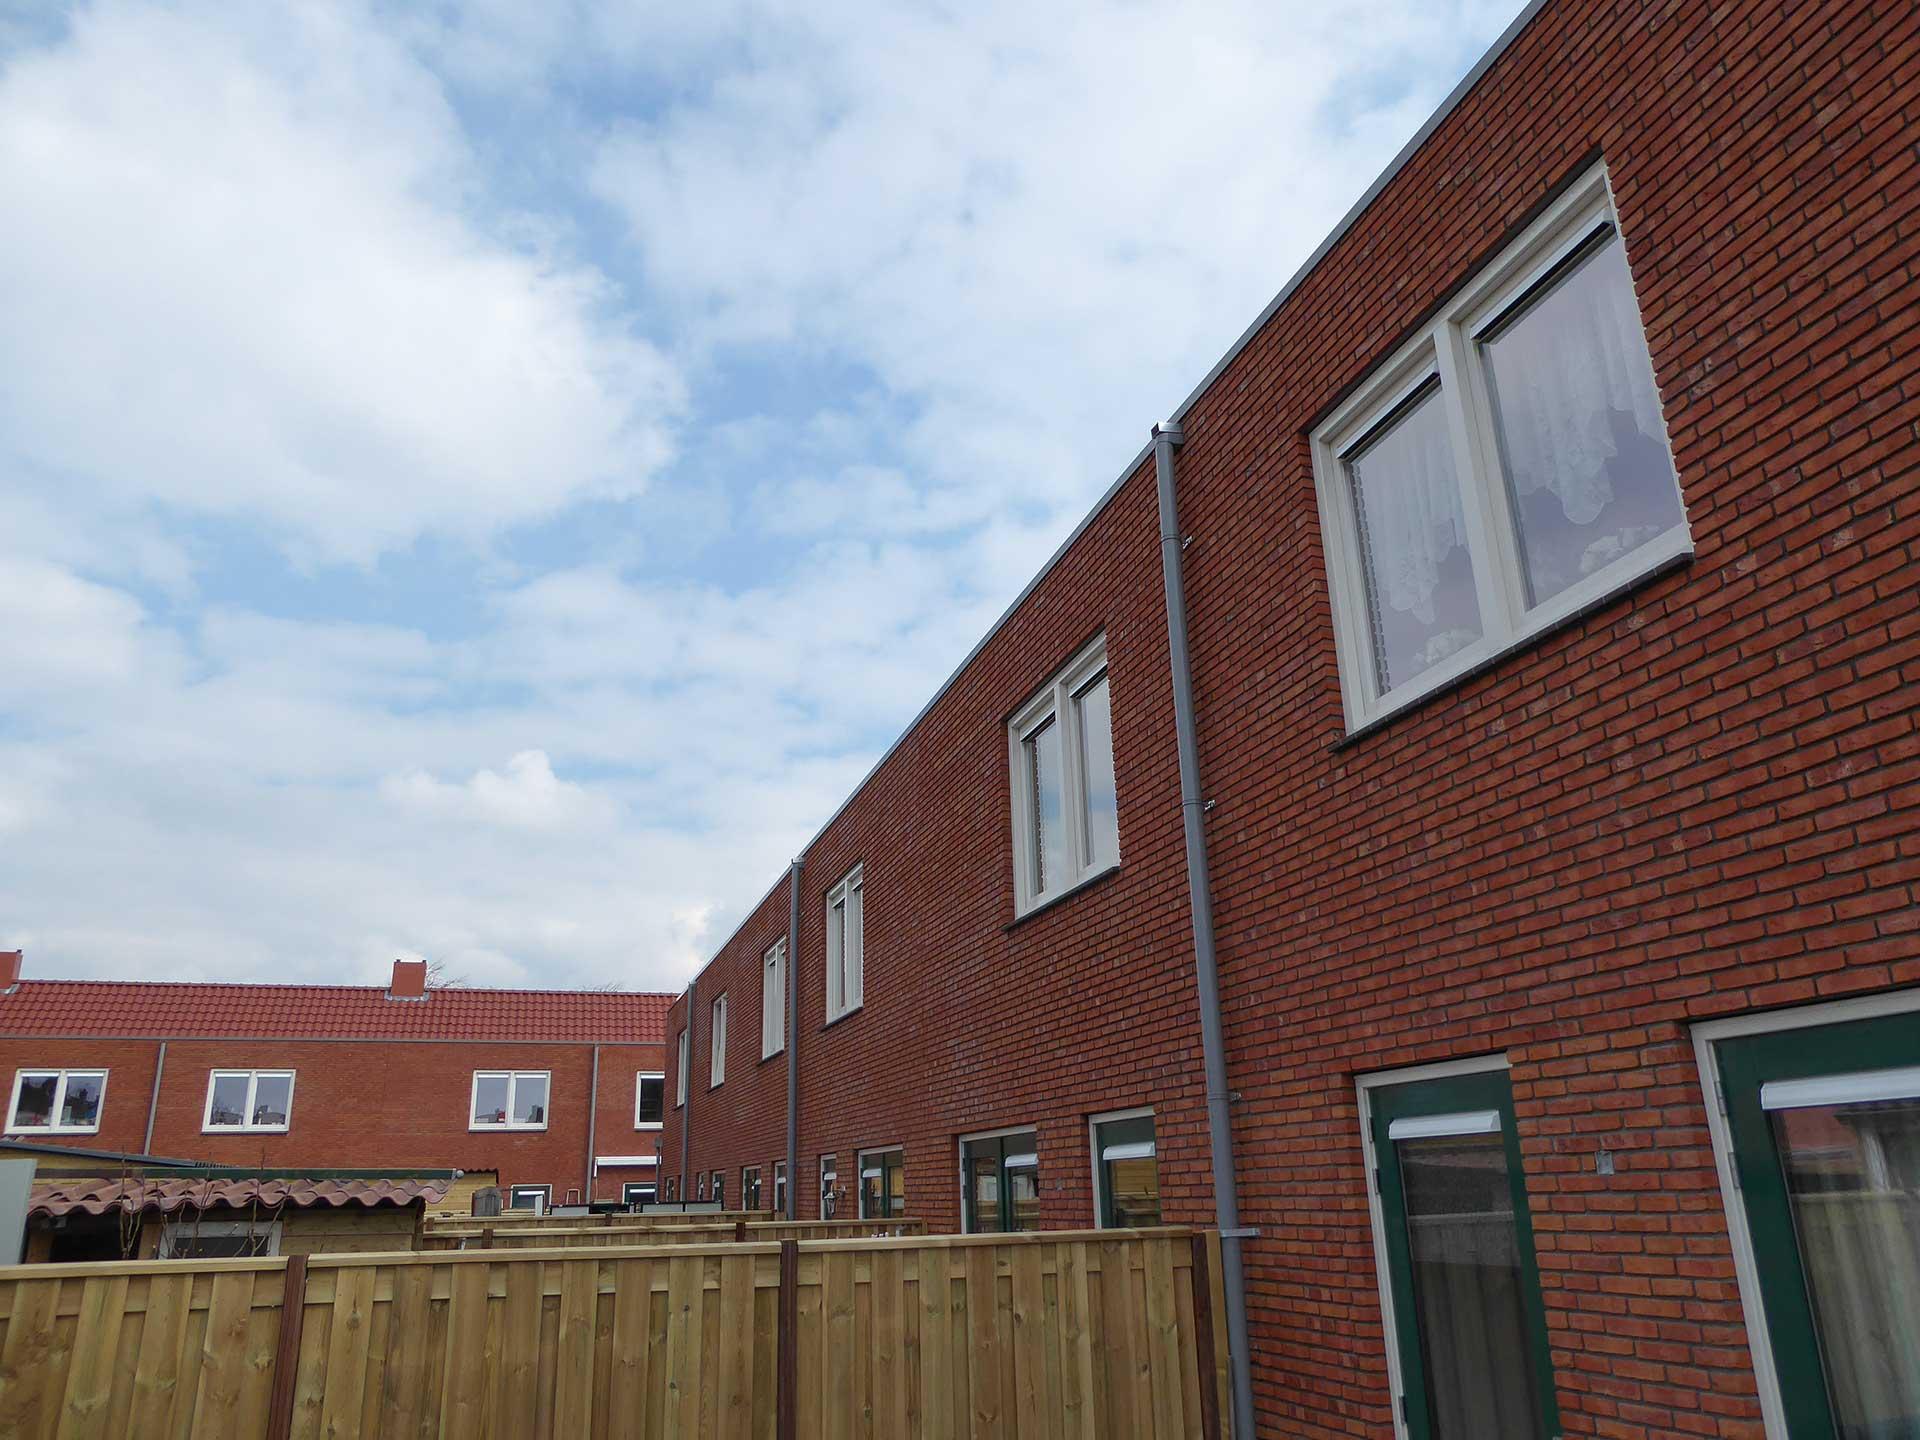 Havenbuurt Zaandam achterkant rij woningen met rode steen